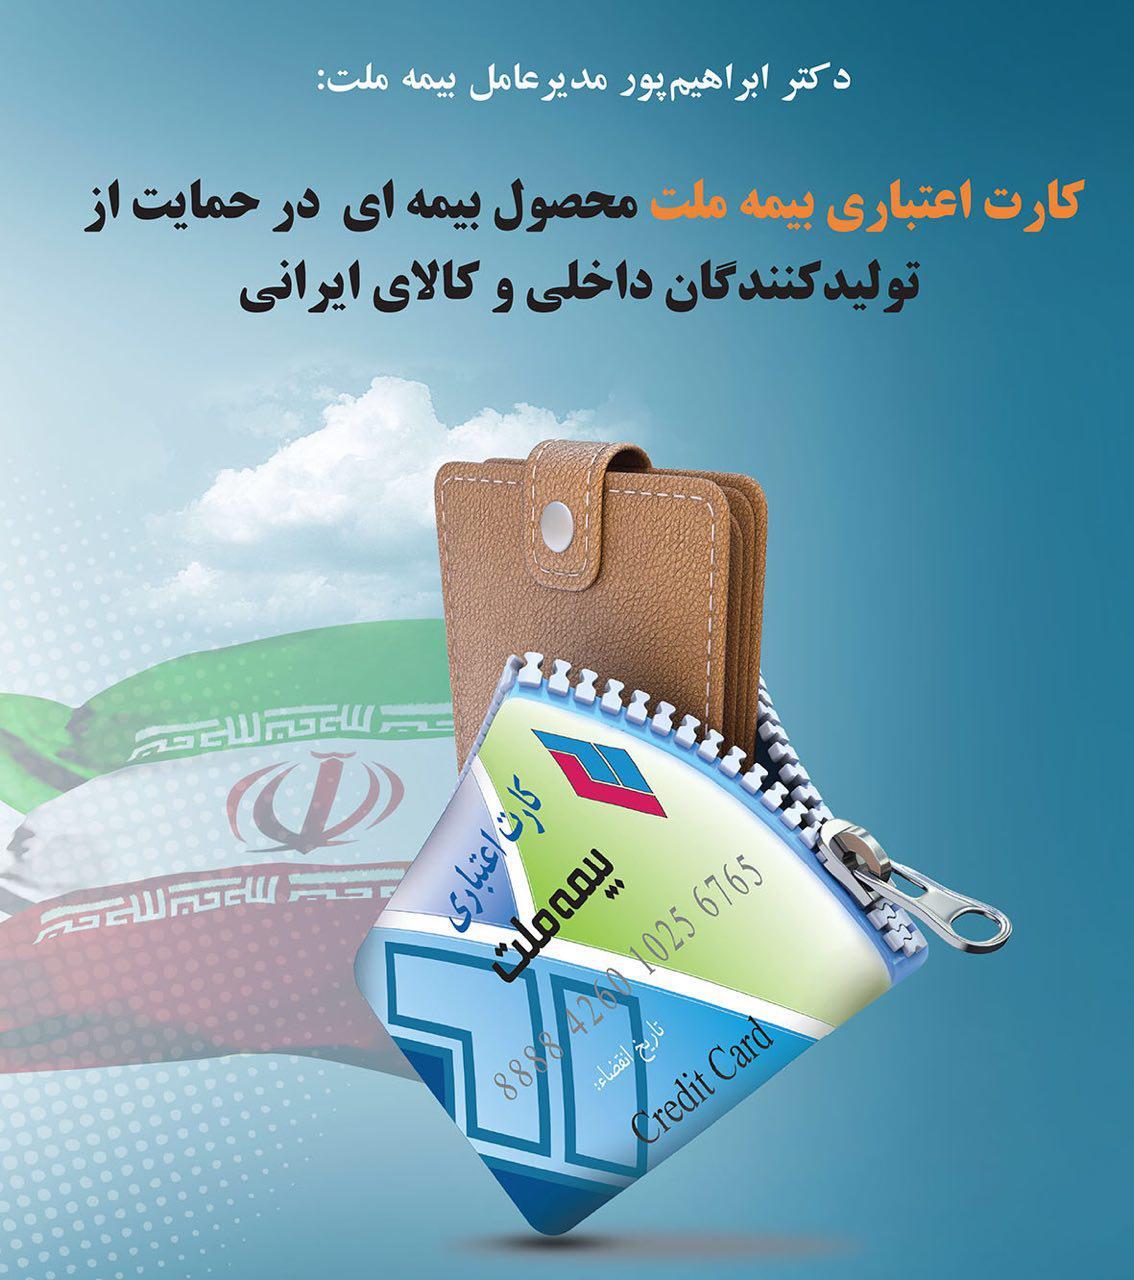 مدیر عامل بیمه ملت: کارت اعتباری بیمه ملت محصولی بیمه ای، در حمایت از تولیدکنندگان داخلی و کالای ایرانی.